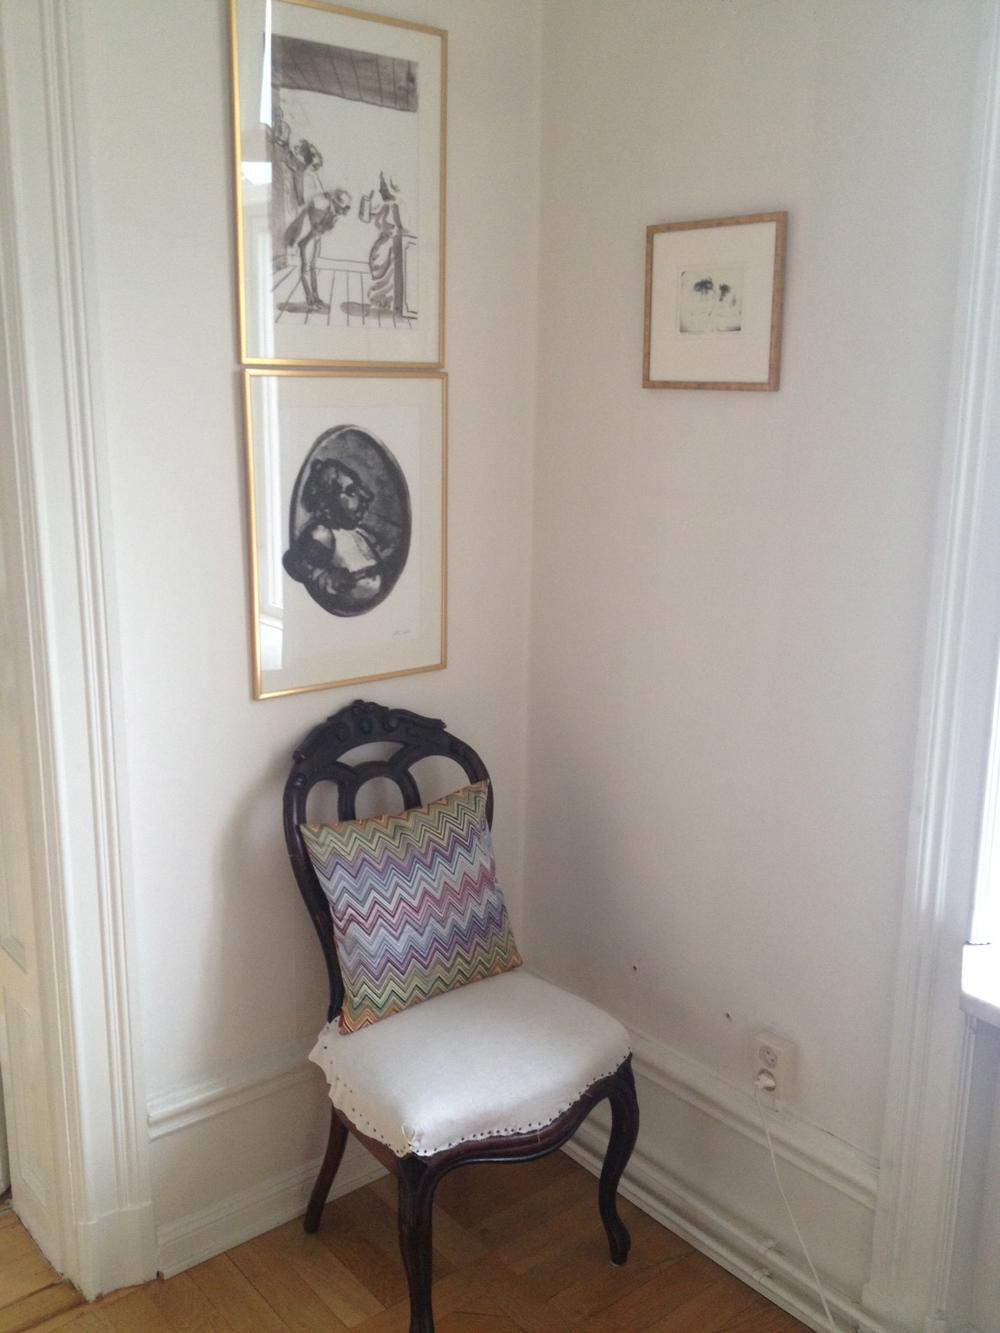 Stol - 1800-tal, i nyrokoko, kudde Missoni, grafik ur Fredman Epistlar av Peter Dahl och Bildhuggaren av Eigil Thorell.   Foto:  Palatsliv